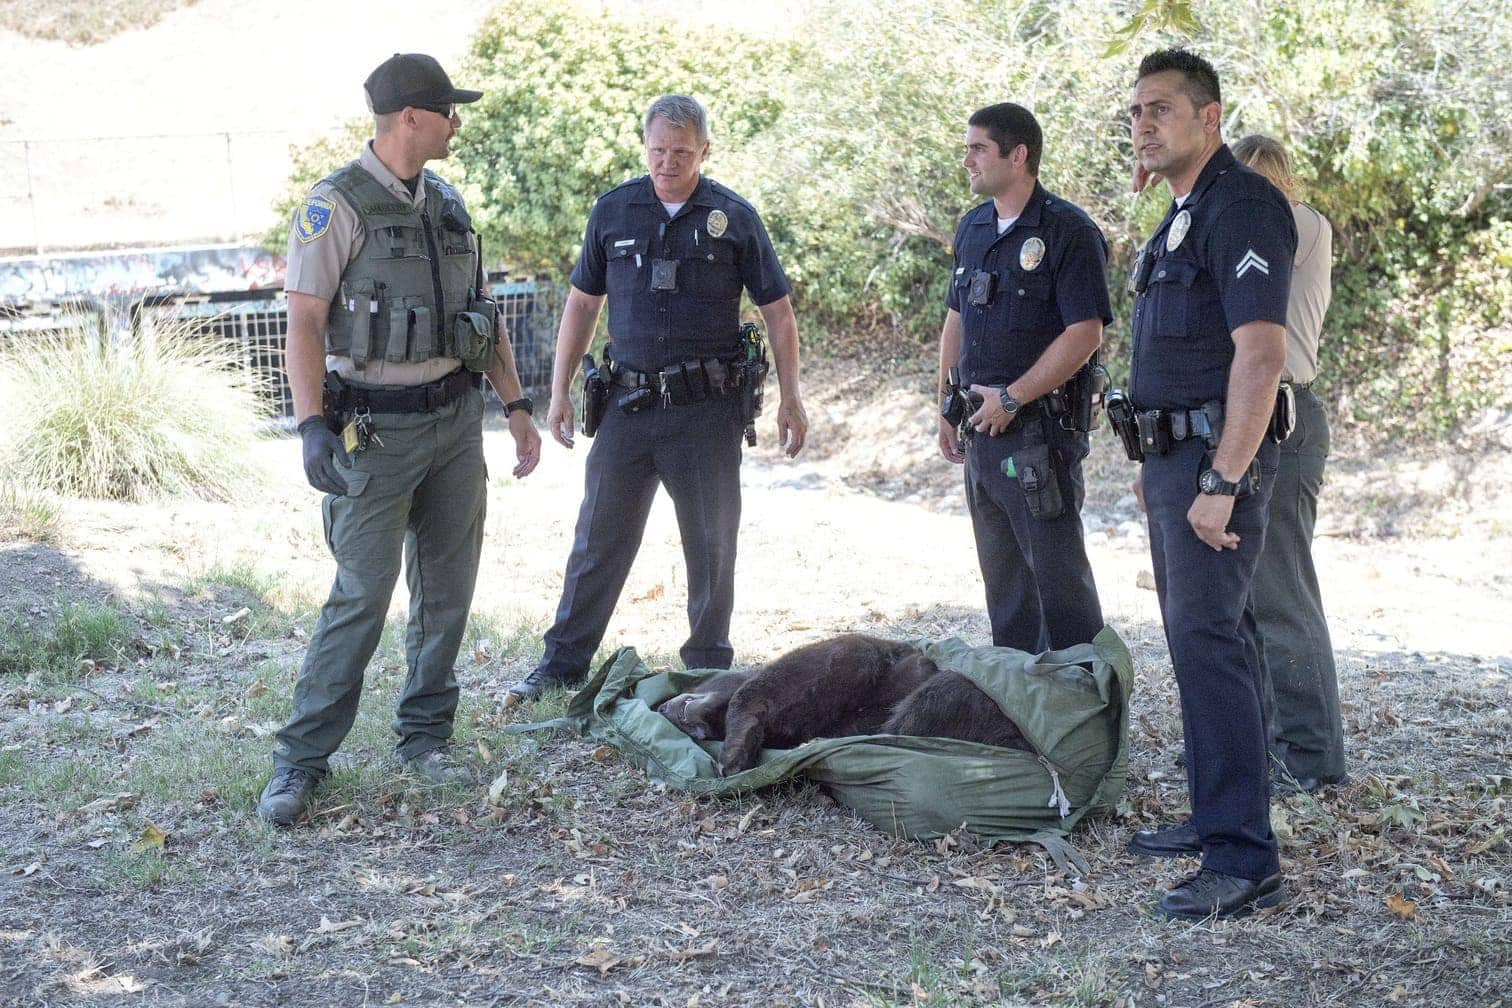 <p>Dieses von CBS2/KCAL9 zur Verfügung gestellte Fotomaterial zeigt Wildhüter